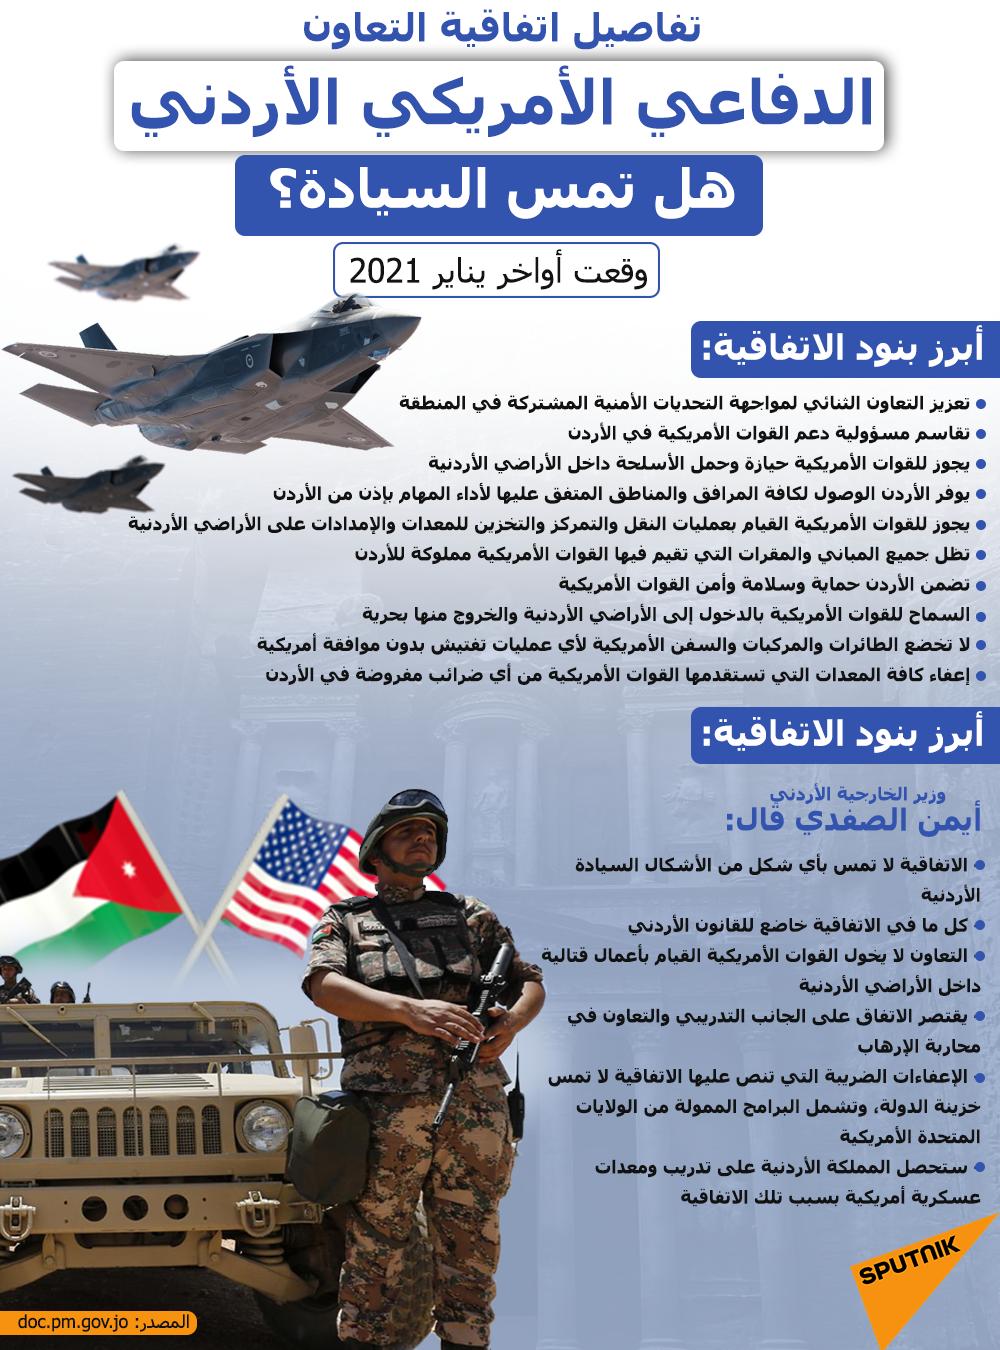 تفاصيل اتفاقية التعاون الدفاعي الأمريكي الأردني... هل تمس السيادة؟